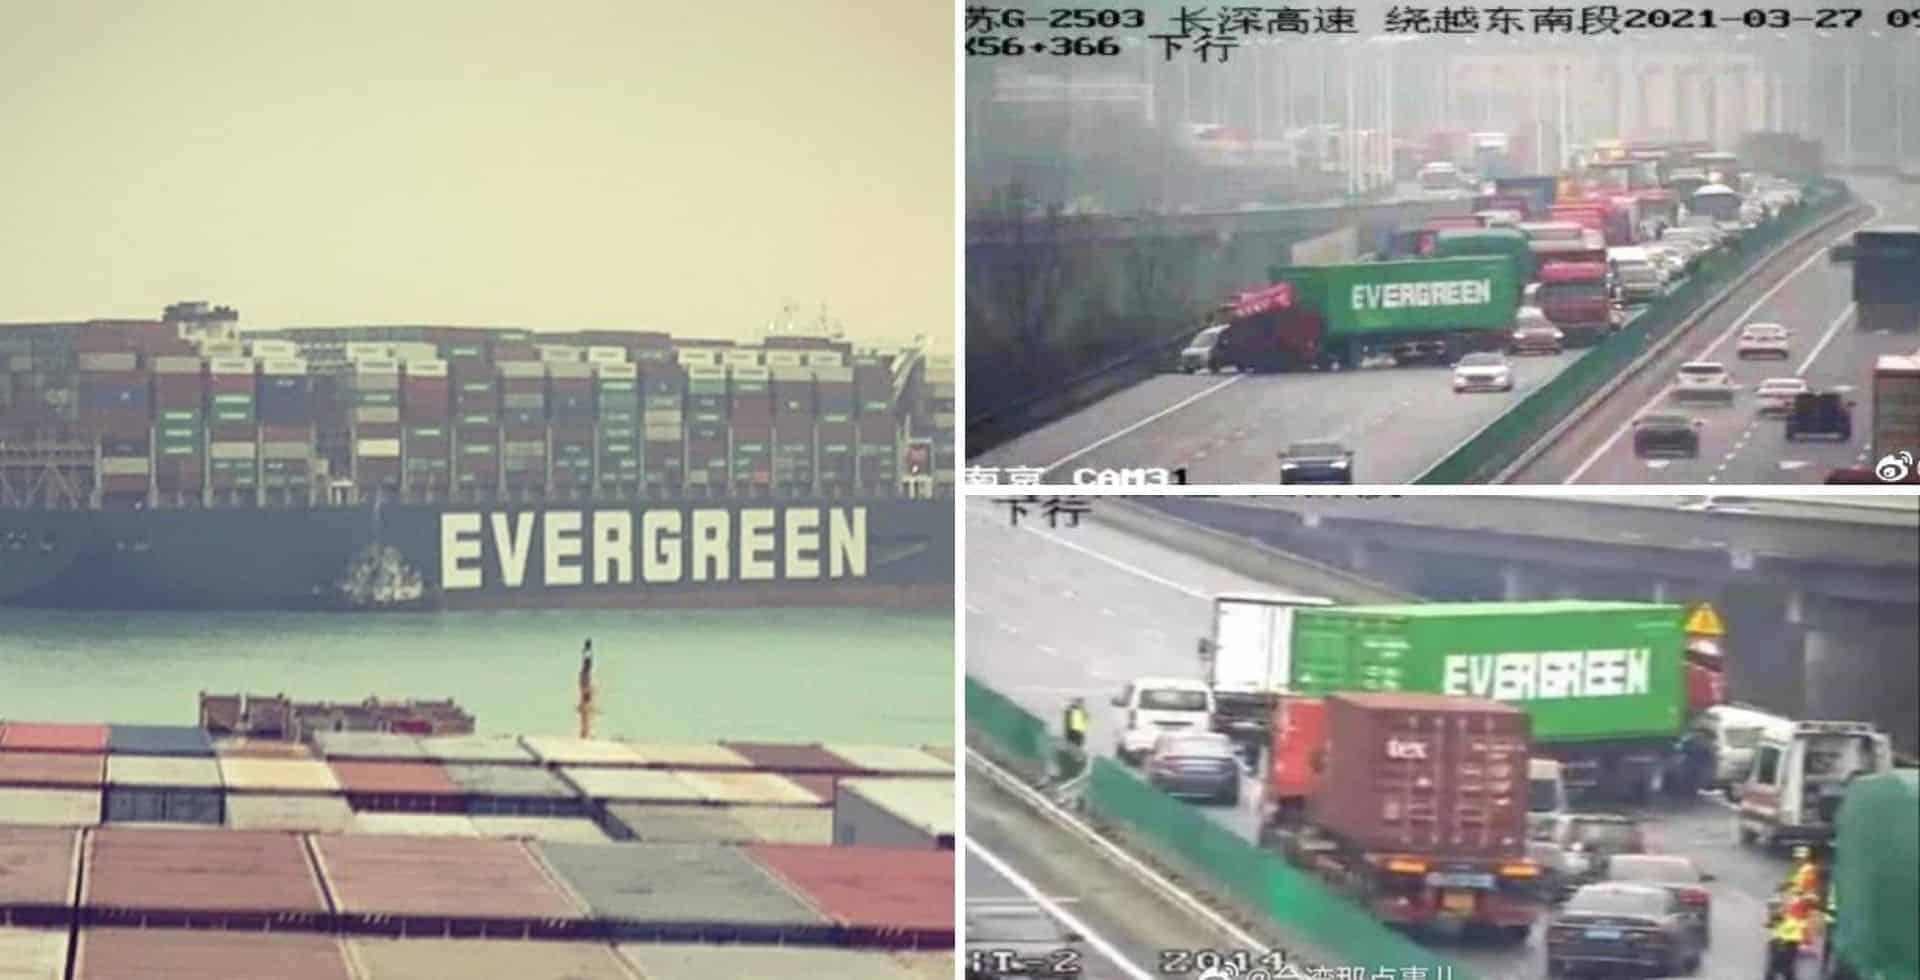 Un camión con cargamento de la misma compañía que el barco del canal de Suez detuvo el tránsito en una autopista